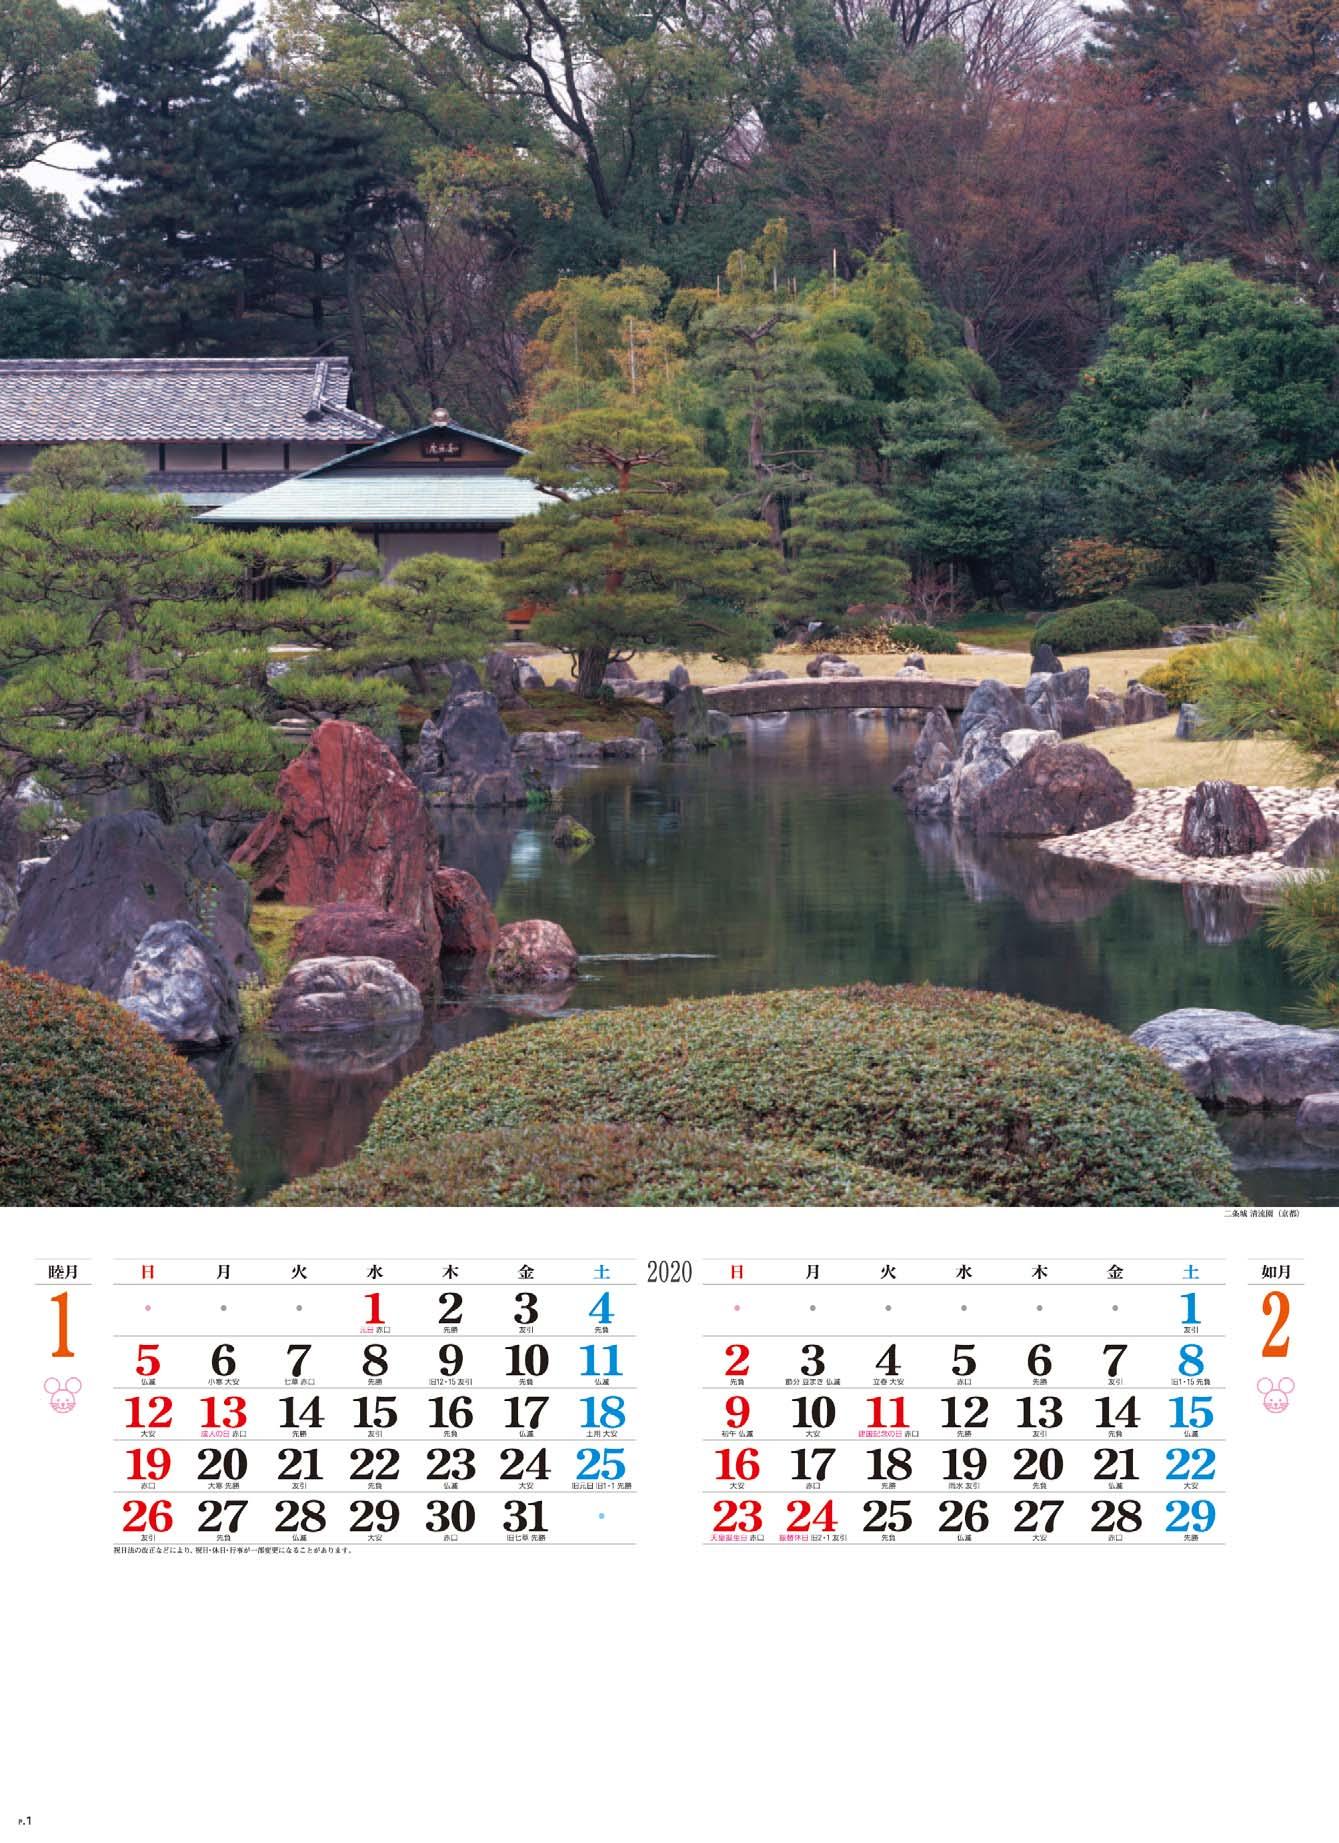 画像:二条城 清流園(京都) 庭の心 2020年カレンダー